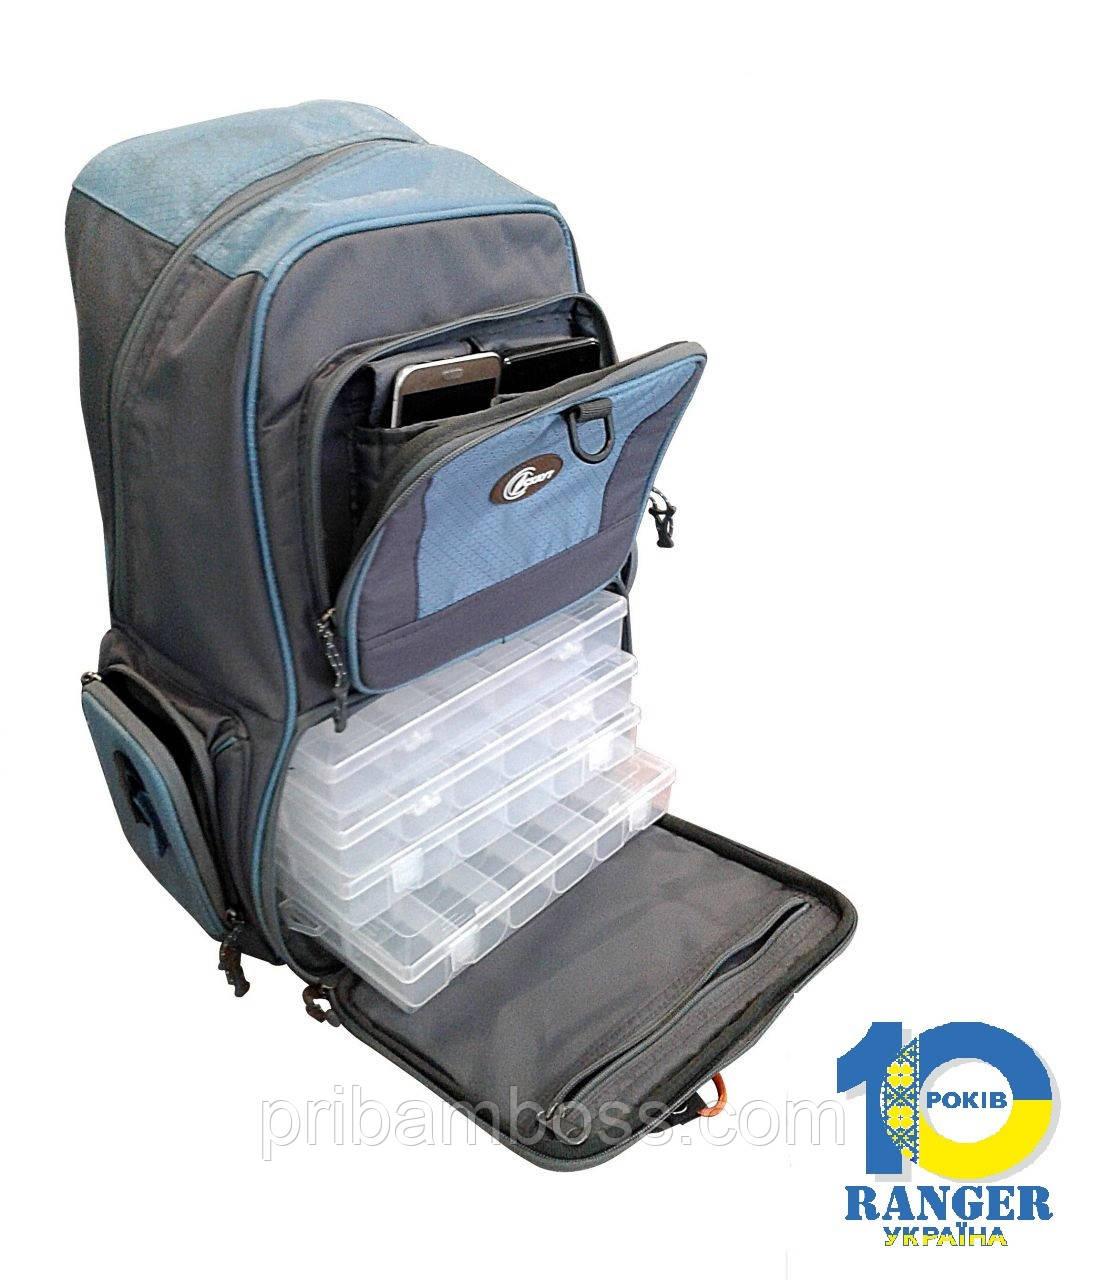 Рюкзак для рыбака Ranger  bag 1